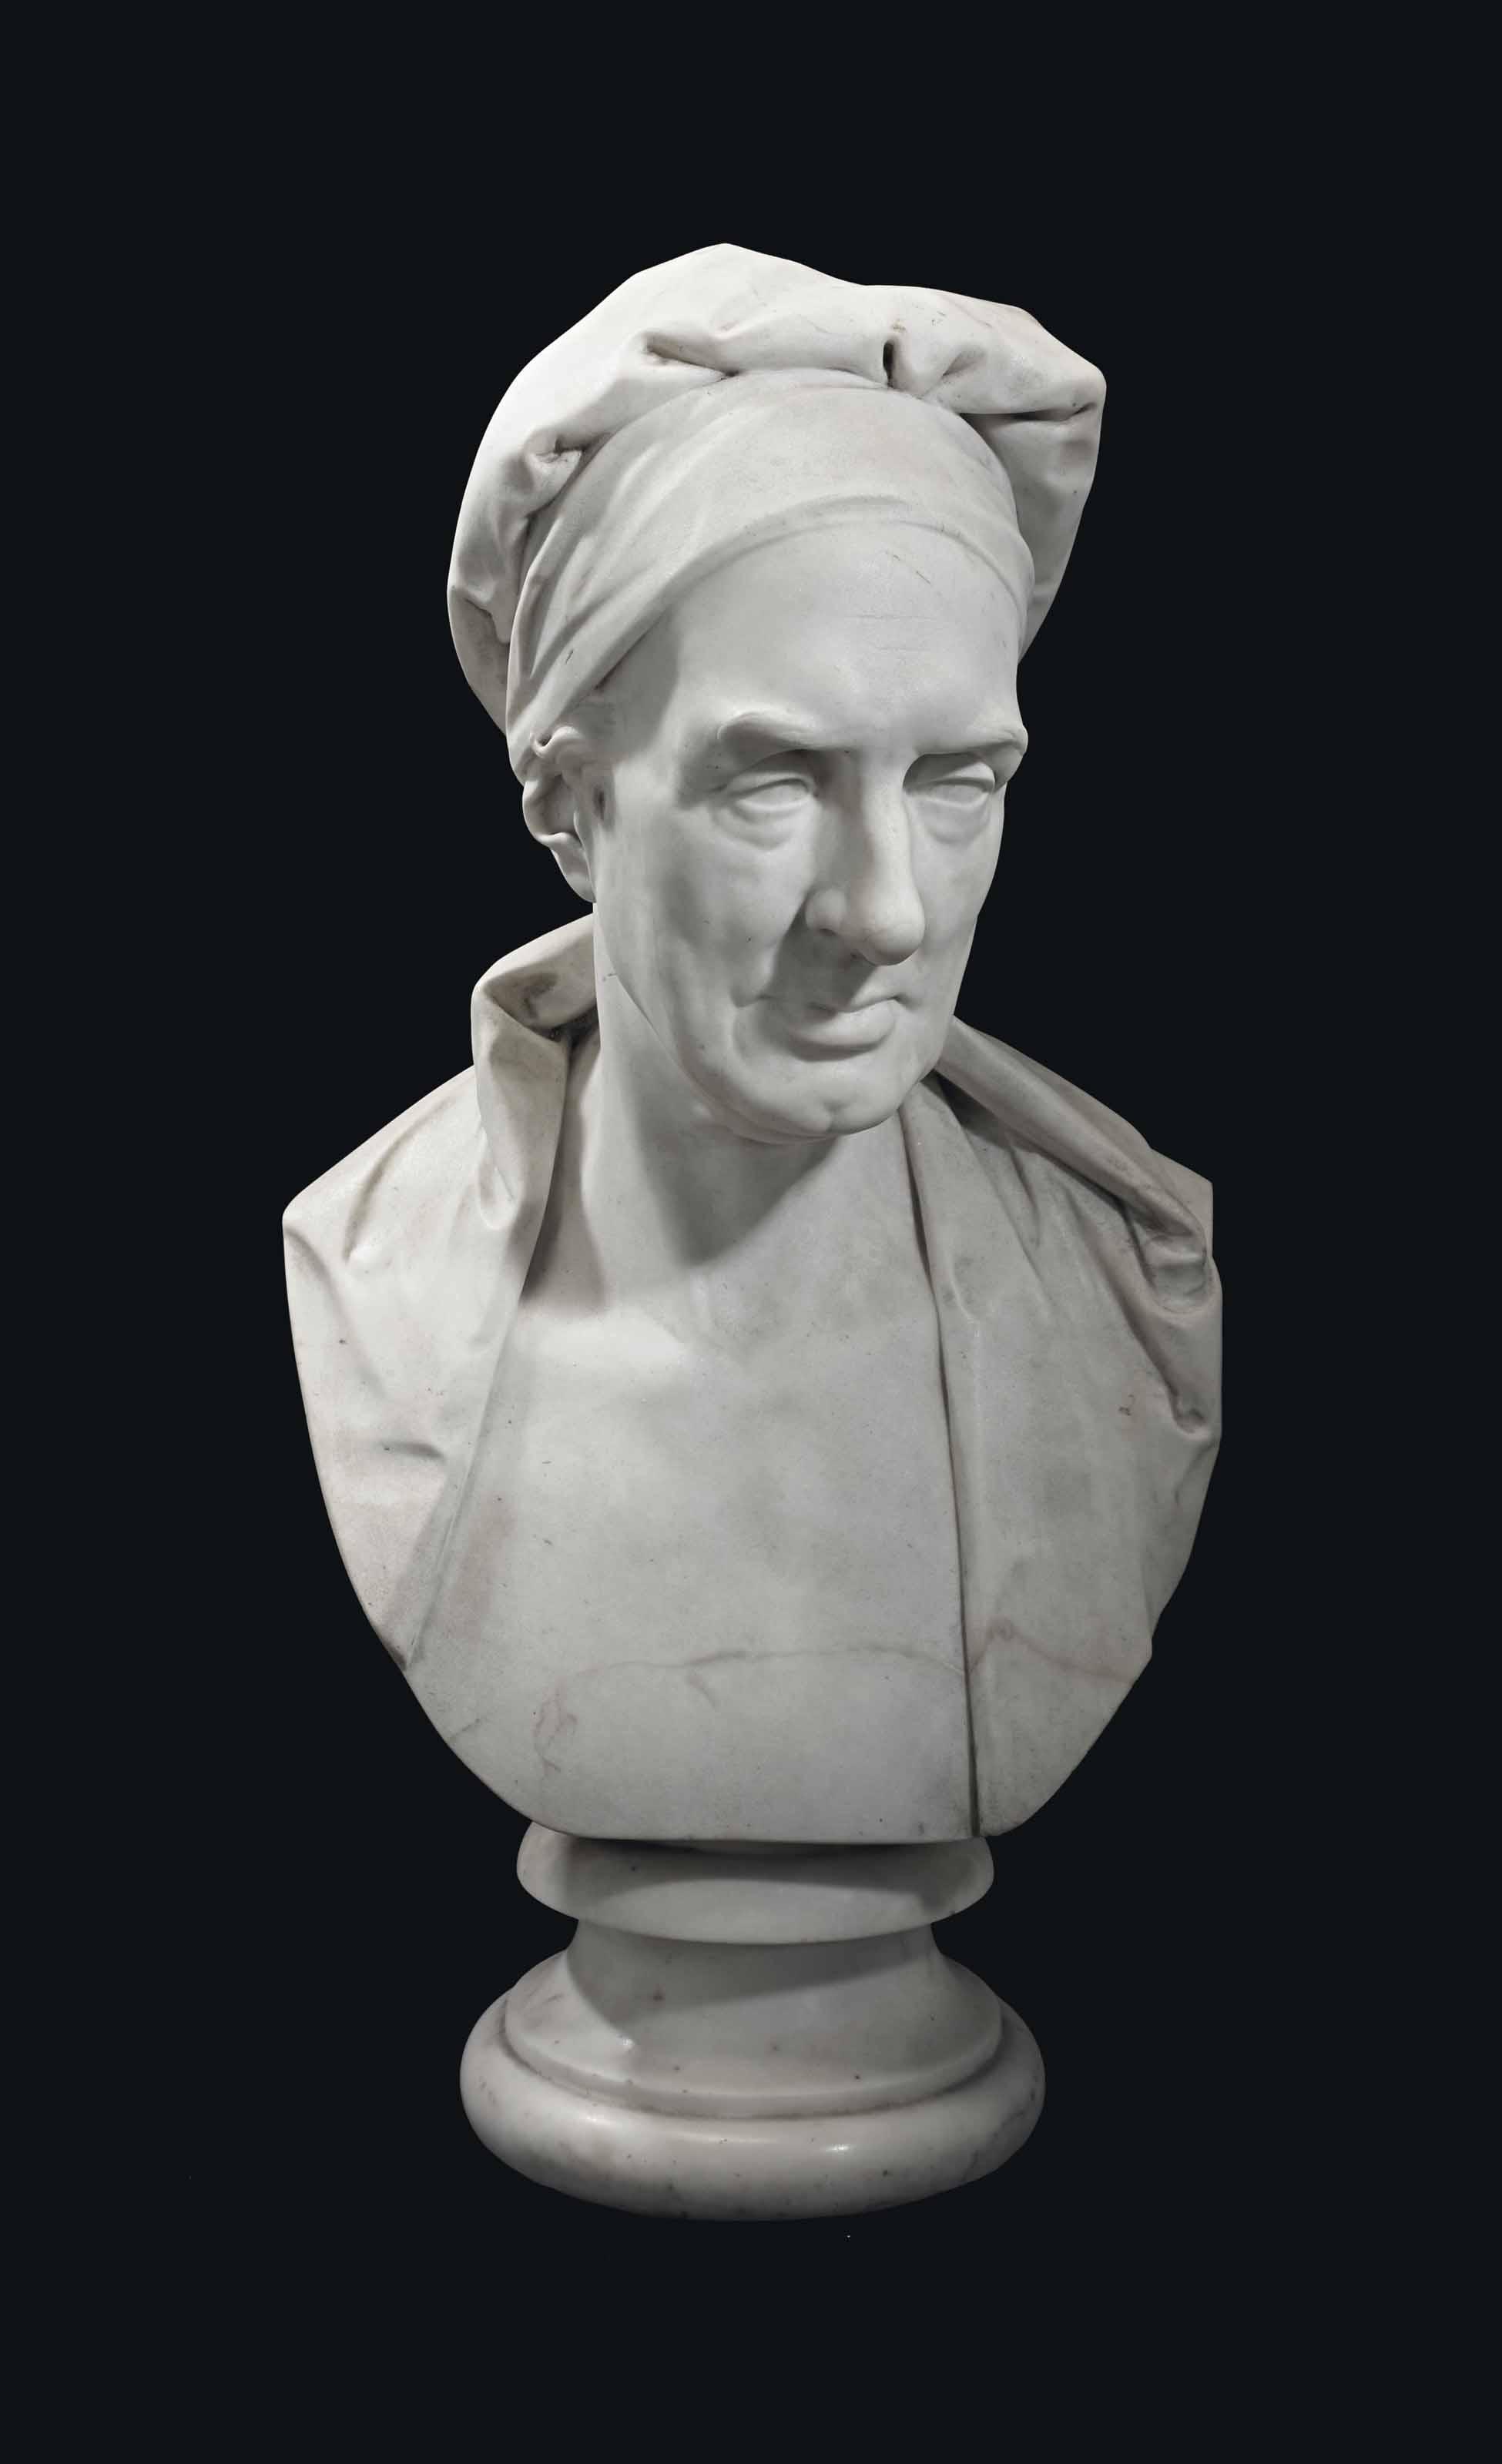 BUSTE EN MARBRE SCULPTE REPRESENTANT ALEXANDER KNOX (1757-1831)